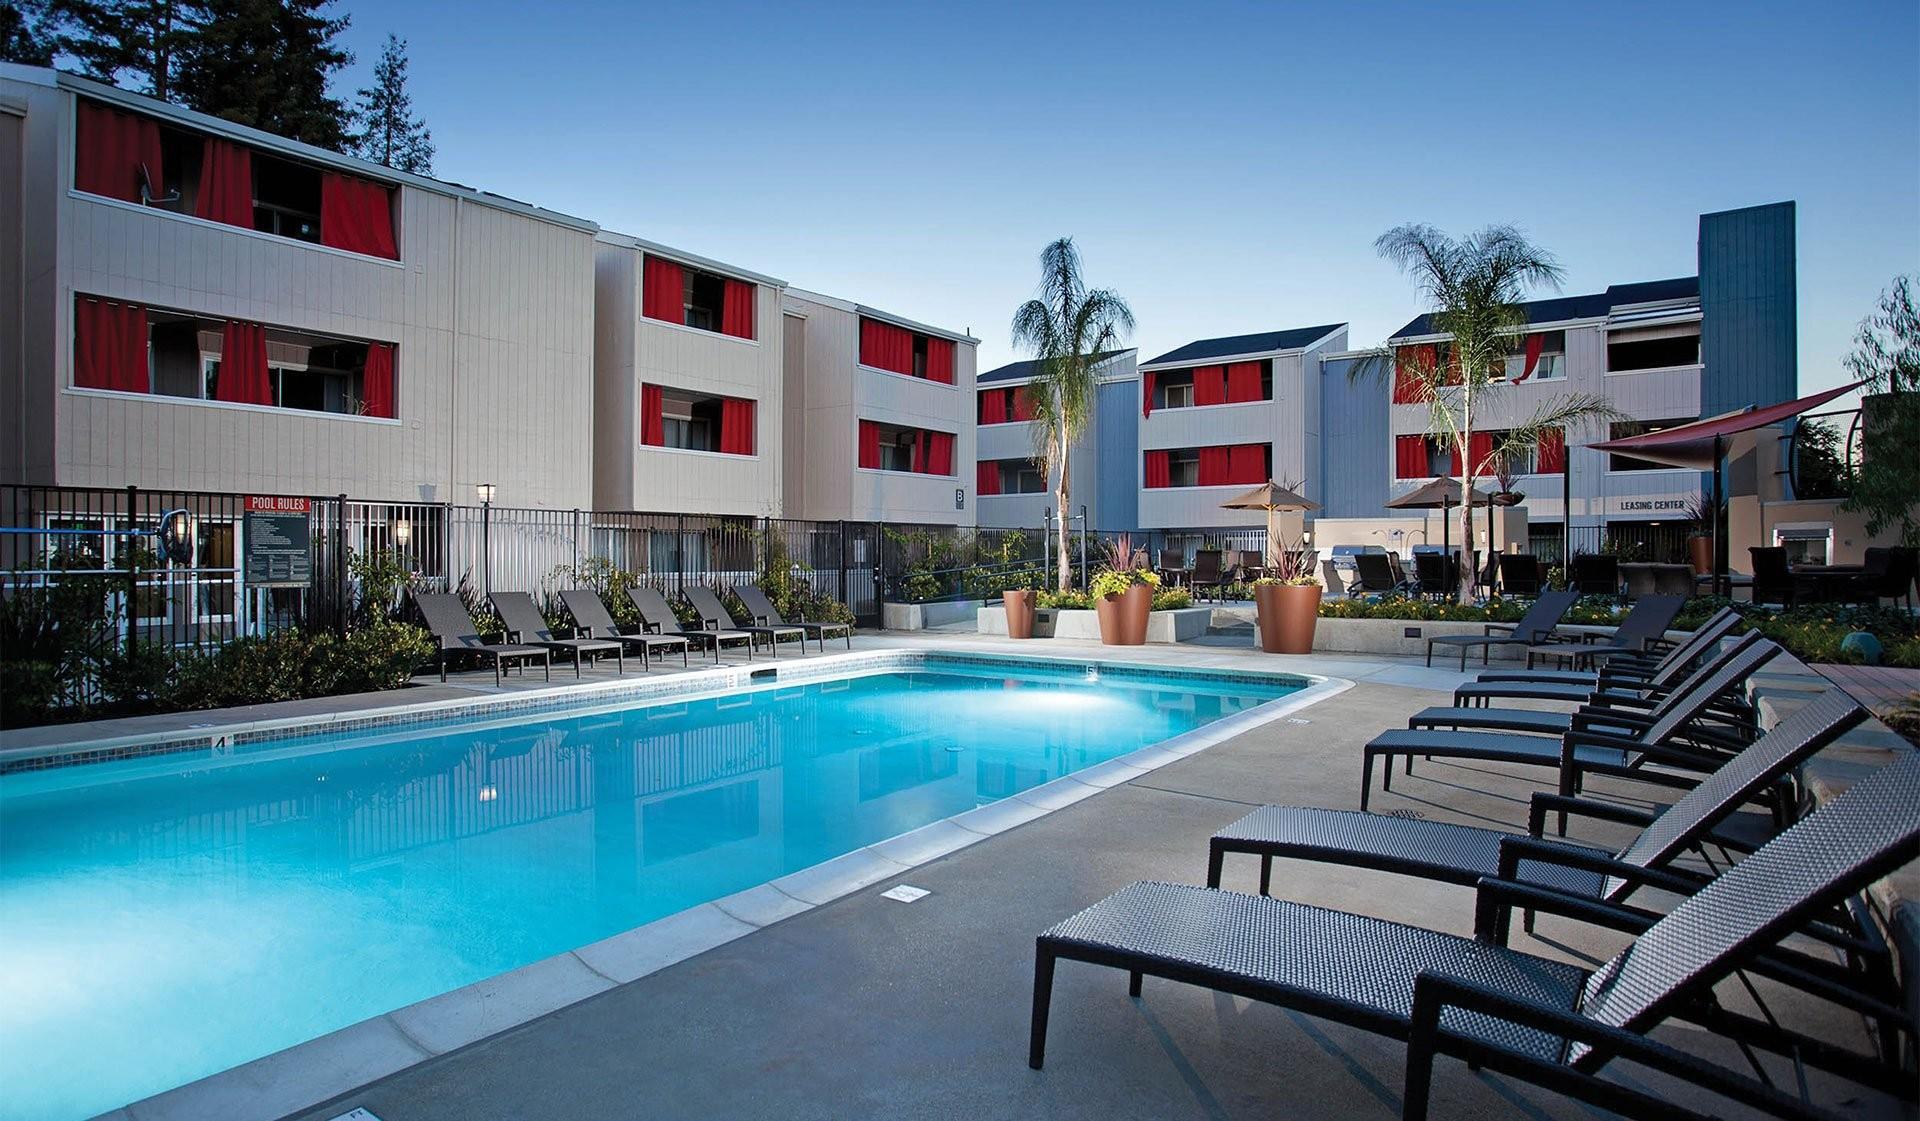 707 Leahy Apartments